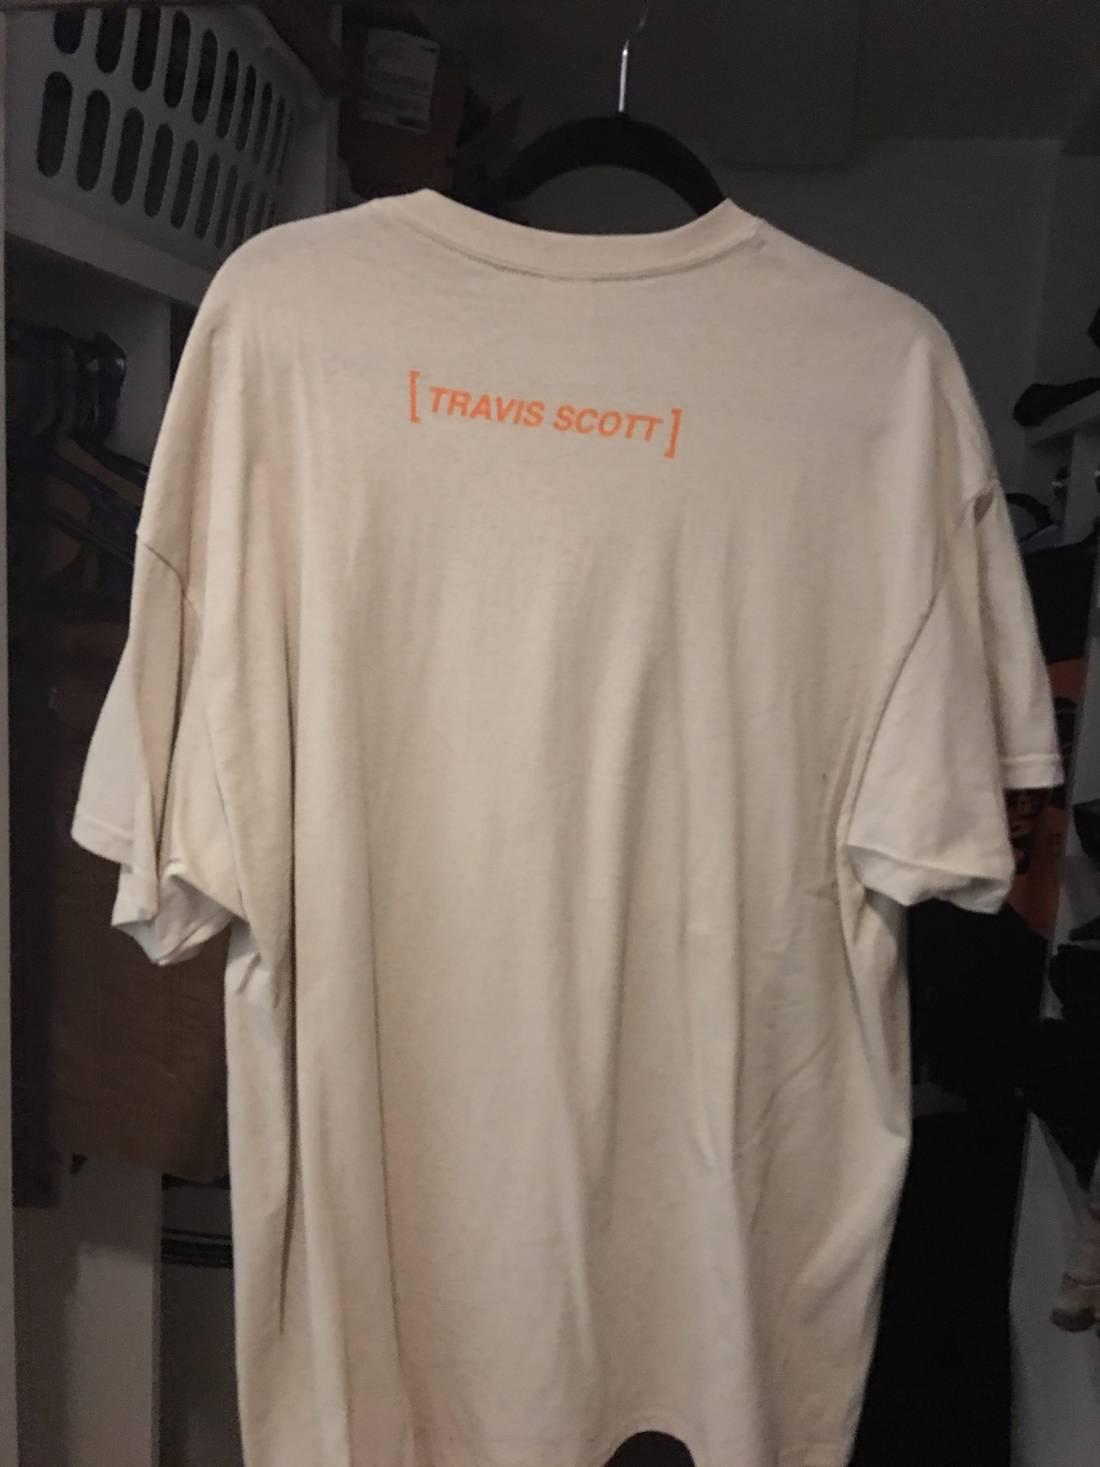 0615663b9081 Travis Scott Halloween Merch Tee Size Xl Short Sleeve T Shirts For